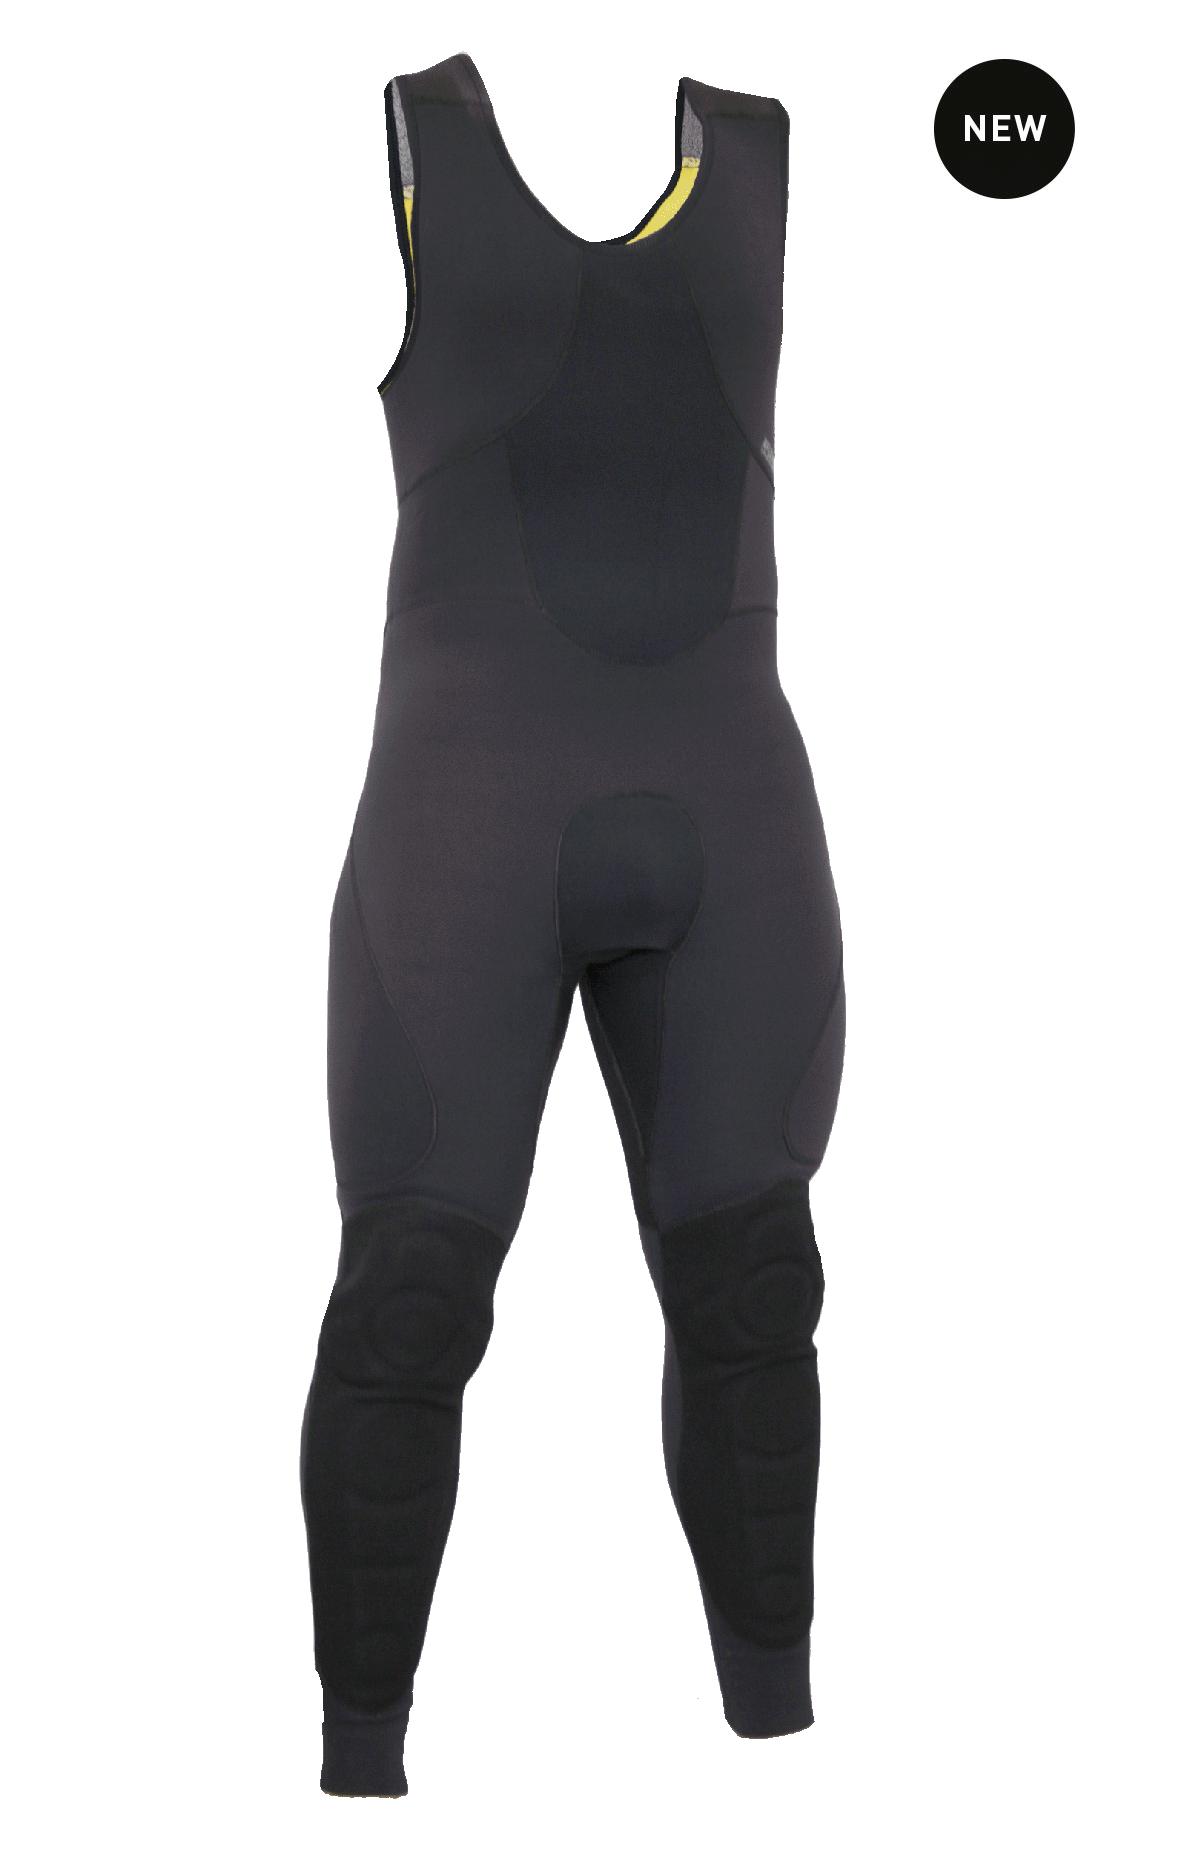 Gul Code Zero Pro Hikepants    Cz4213-B2